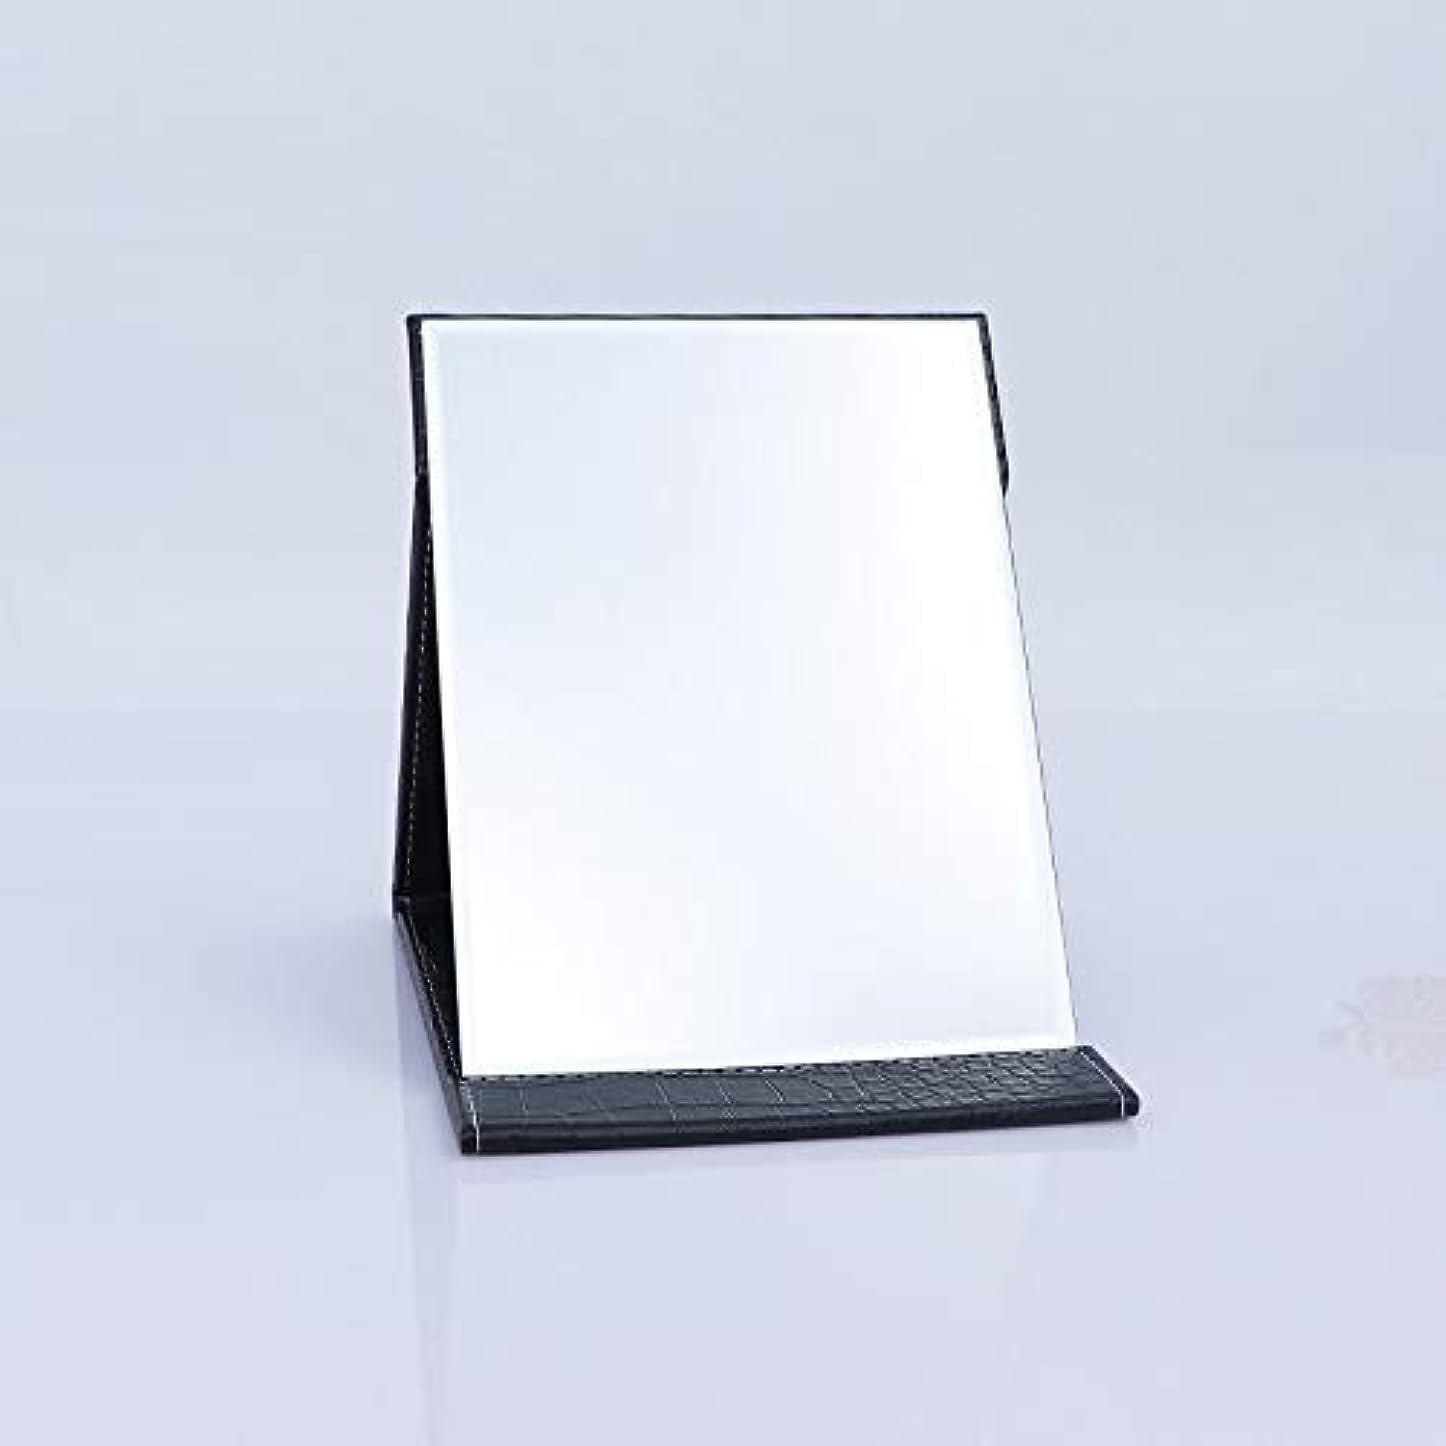 何でも救援コロニーTakelablaze 化粧鏡 折立ミラー 卓上スタンドミラー 折りたたみミラー PUレザー ブラック